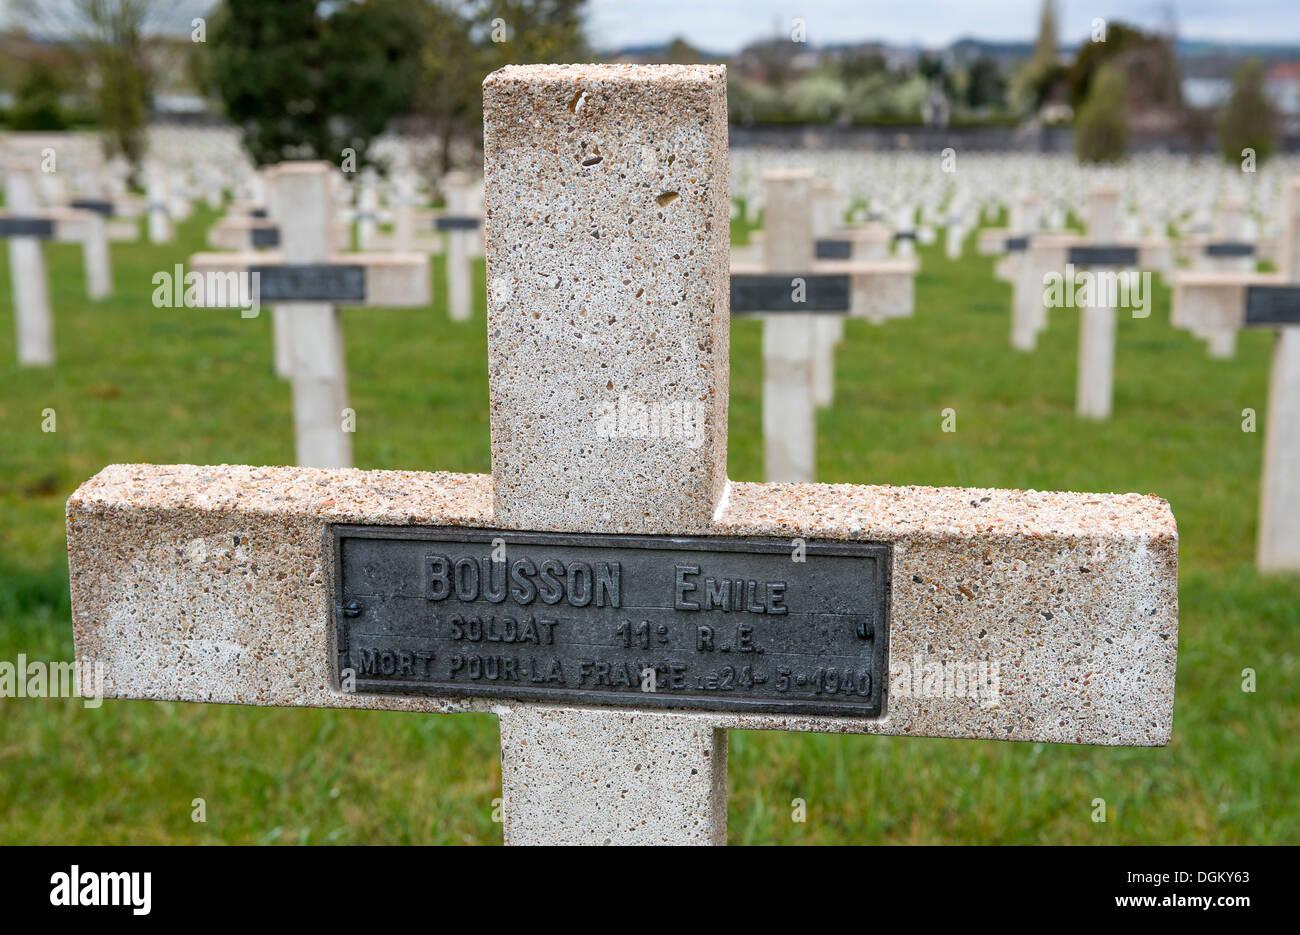 Tombe, croix, pierre tombale, avec plaque, cimetière militaire, bataille de Verdun, Première Guerre mondiale, Verdun, Lorraine, France, Europe Photo Stock